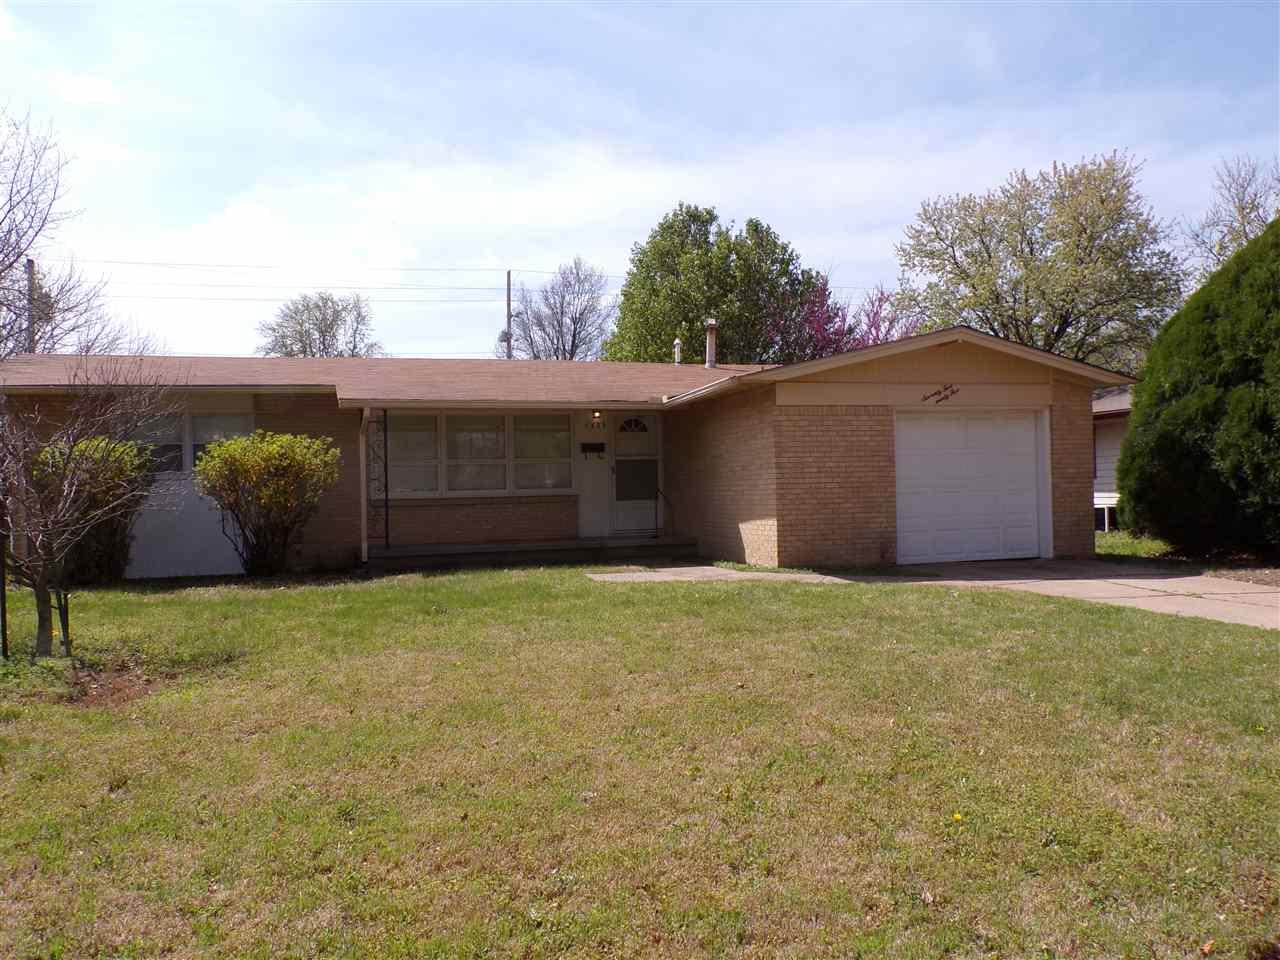 7525 W Cottontail Ln, Wichita, KS, 67212